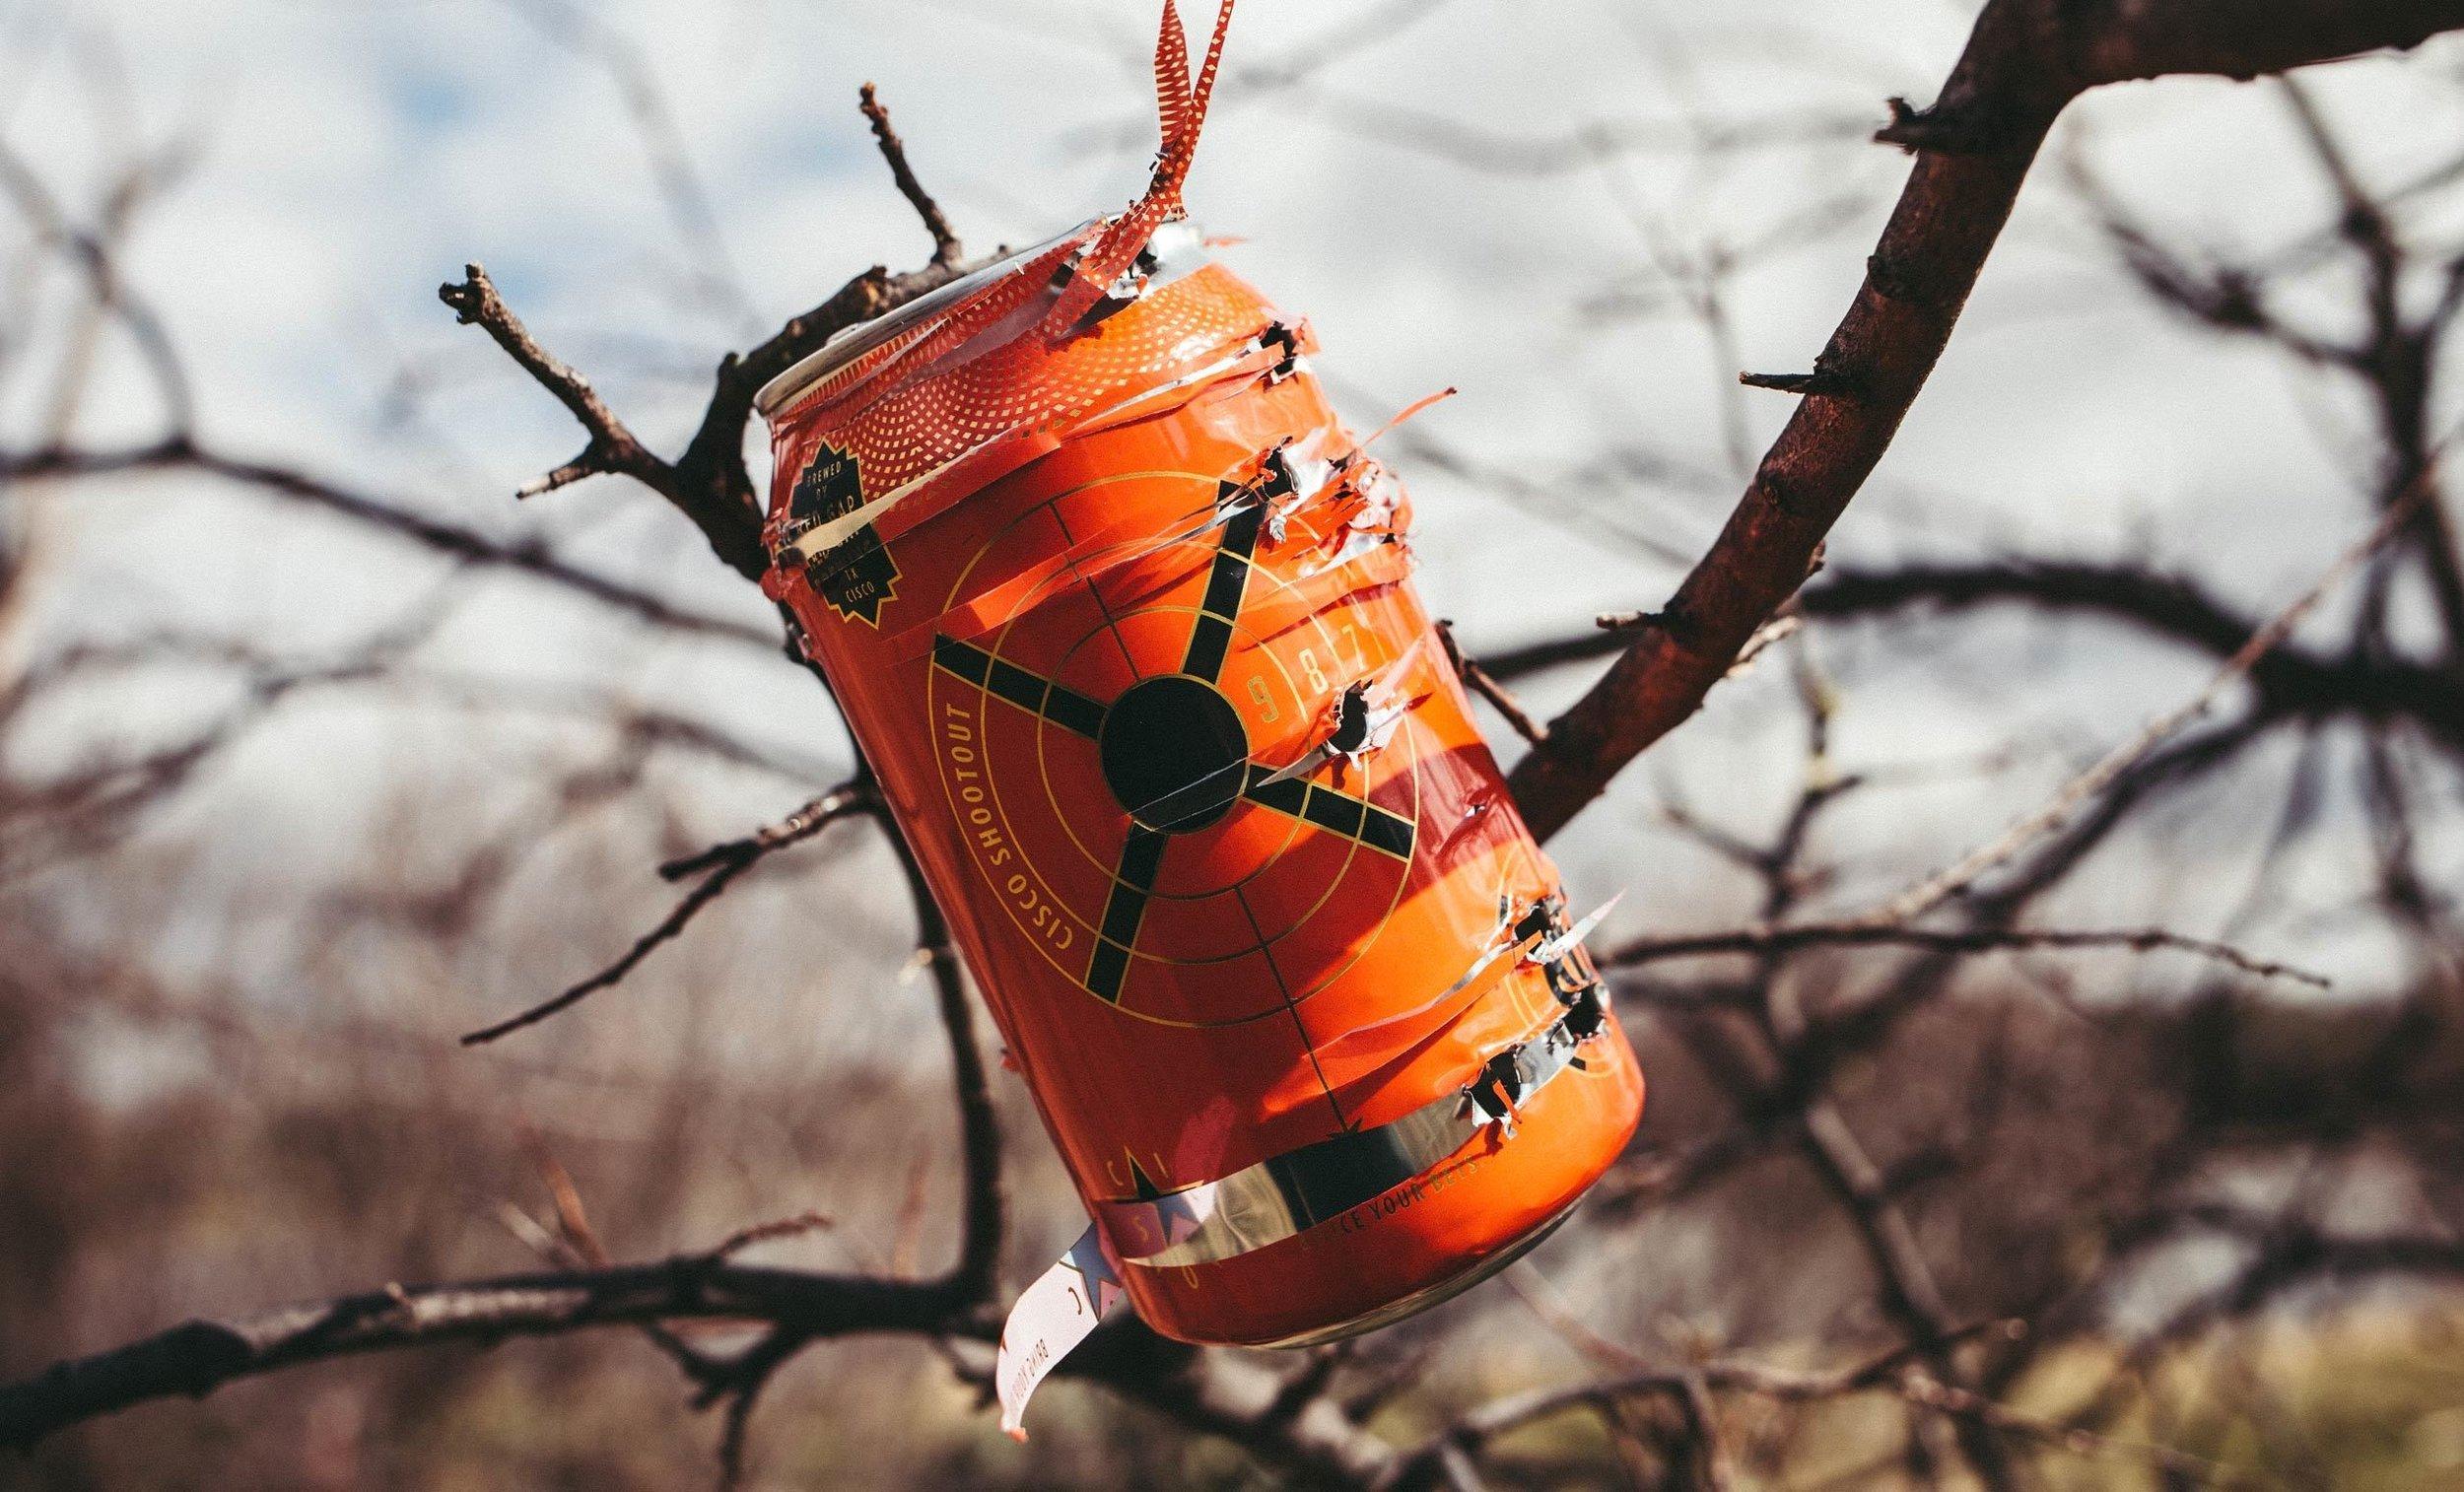 Texas-Packaging-Beer-Can-Design-Branding-Red-Gap-Brewing-1280x1550-19.jpg